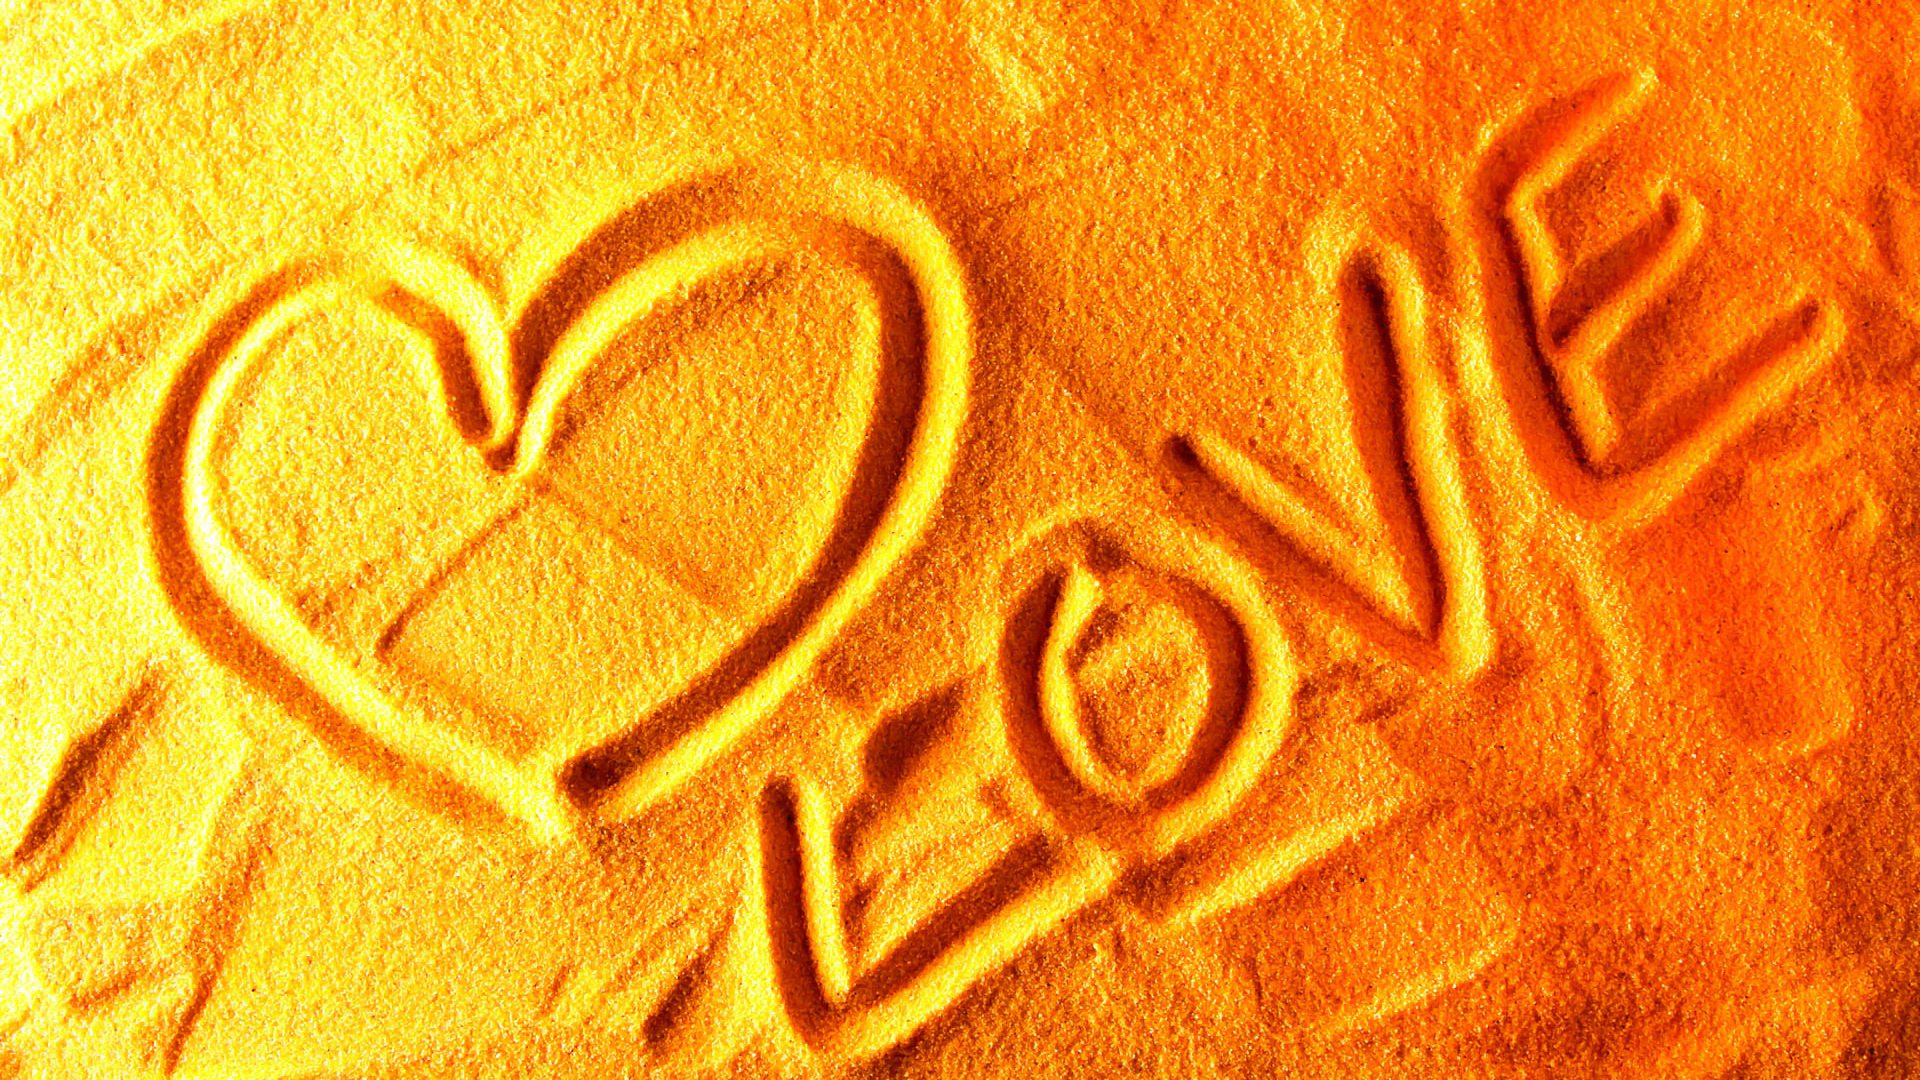 Love Wallpaper With Title : Love - Love Wallpaper (31501481) - Fanpop